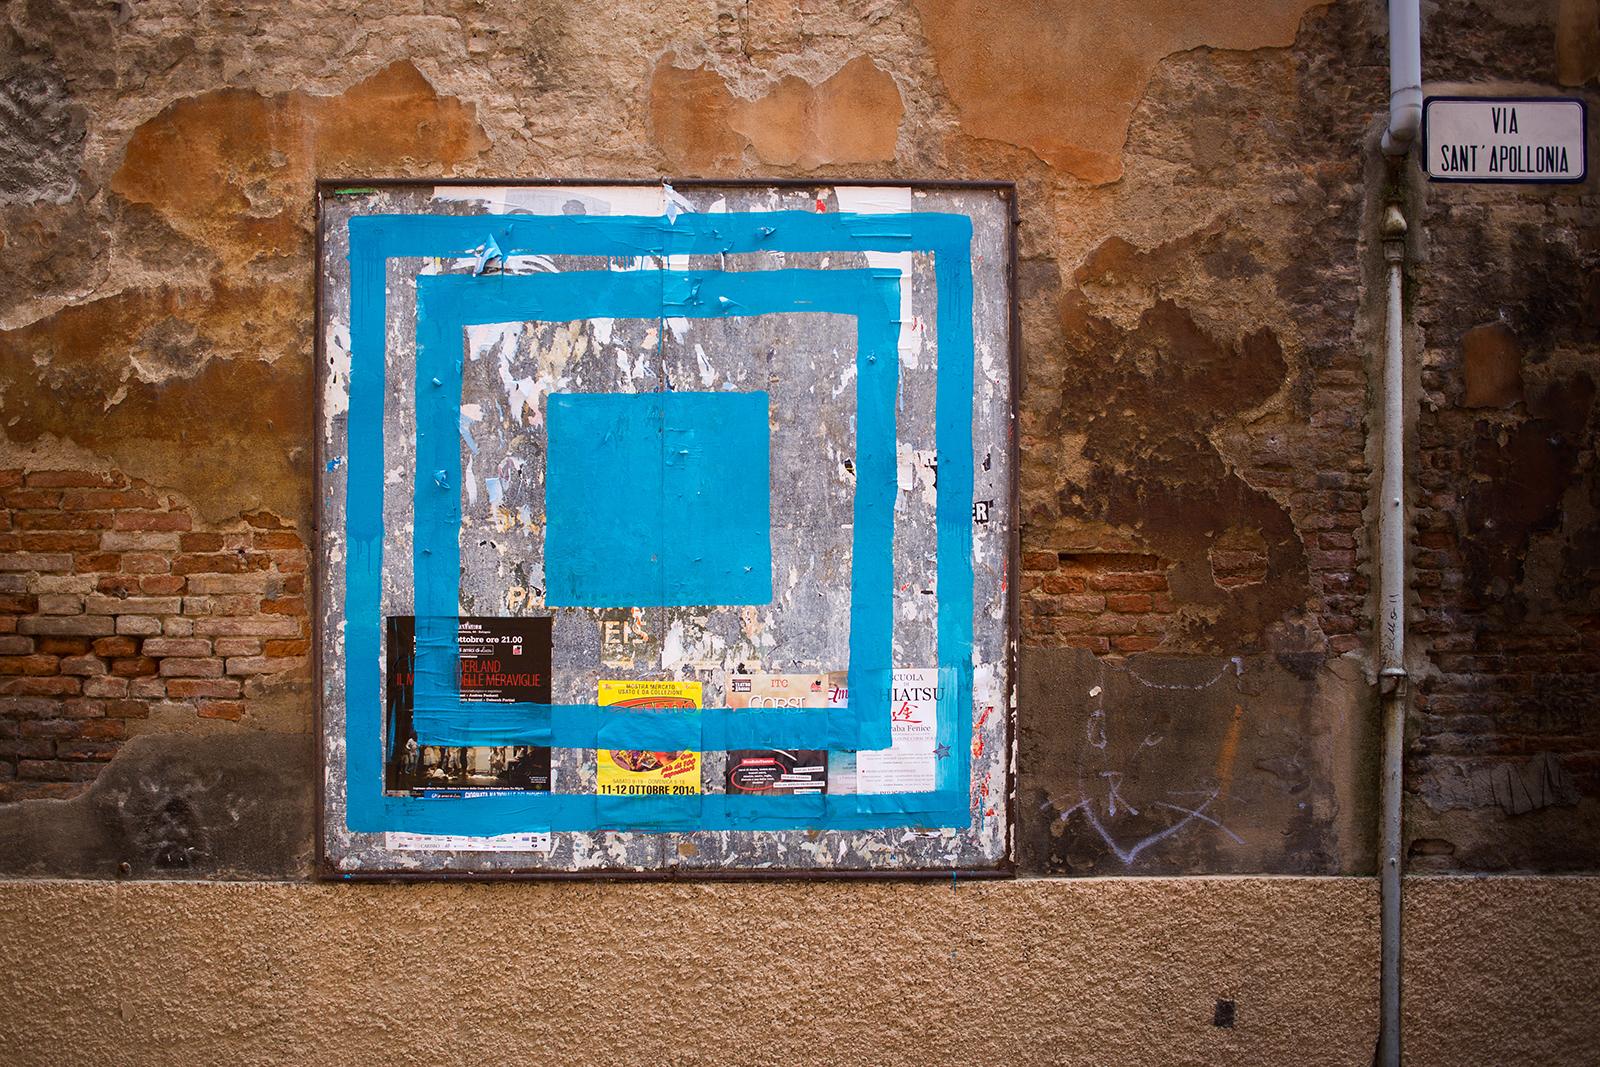 alberonero-new-murals-in-bologna-03